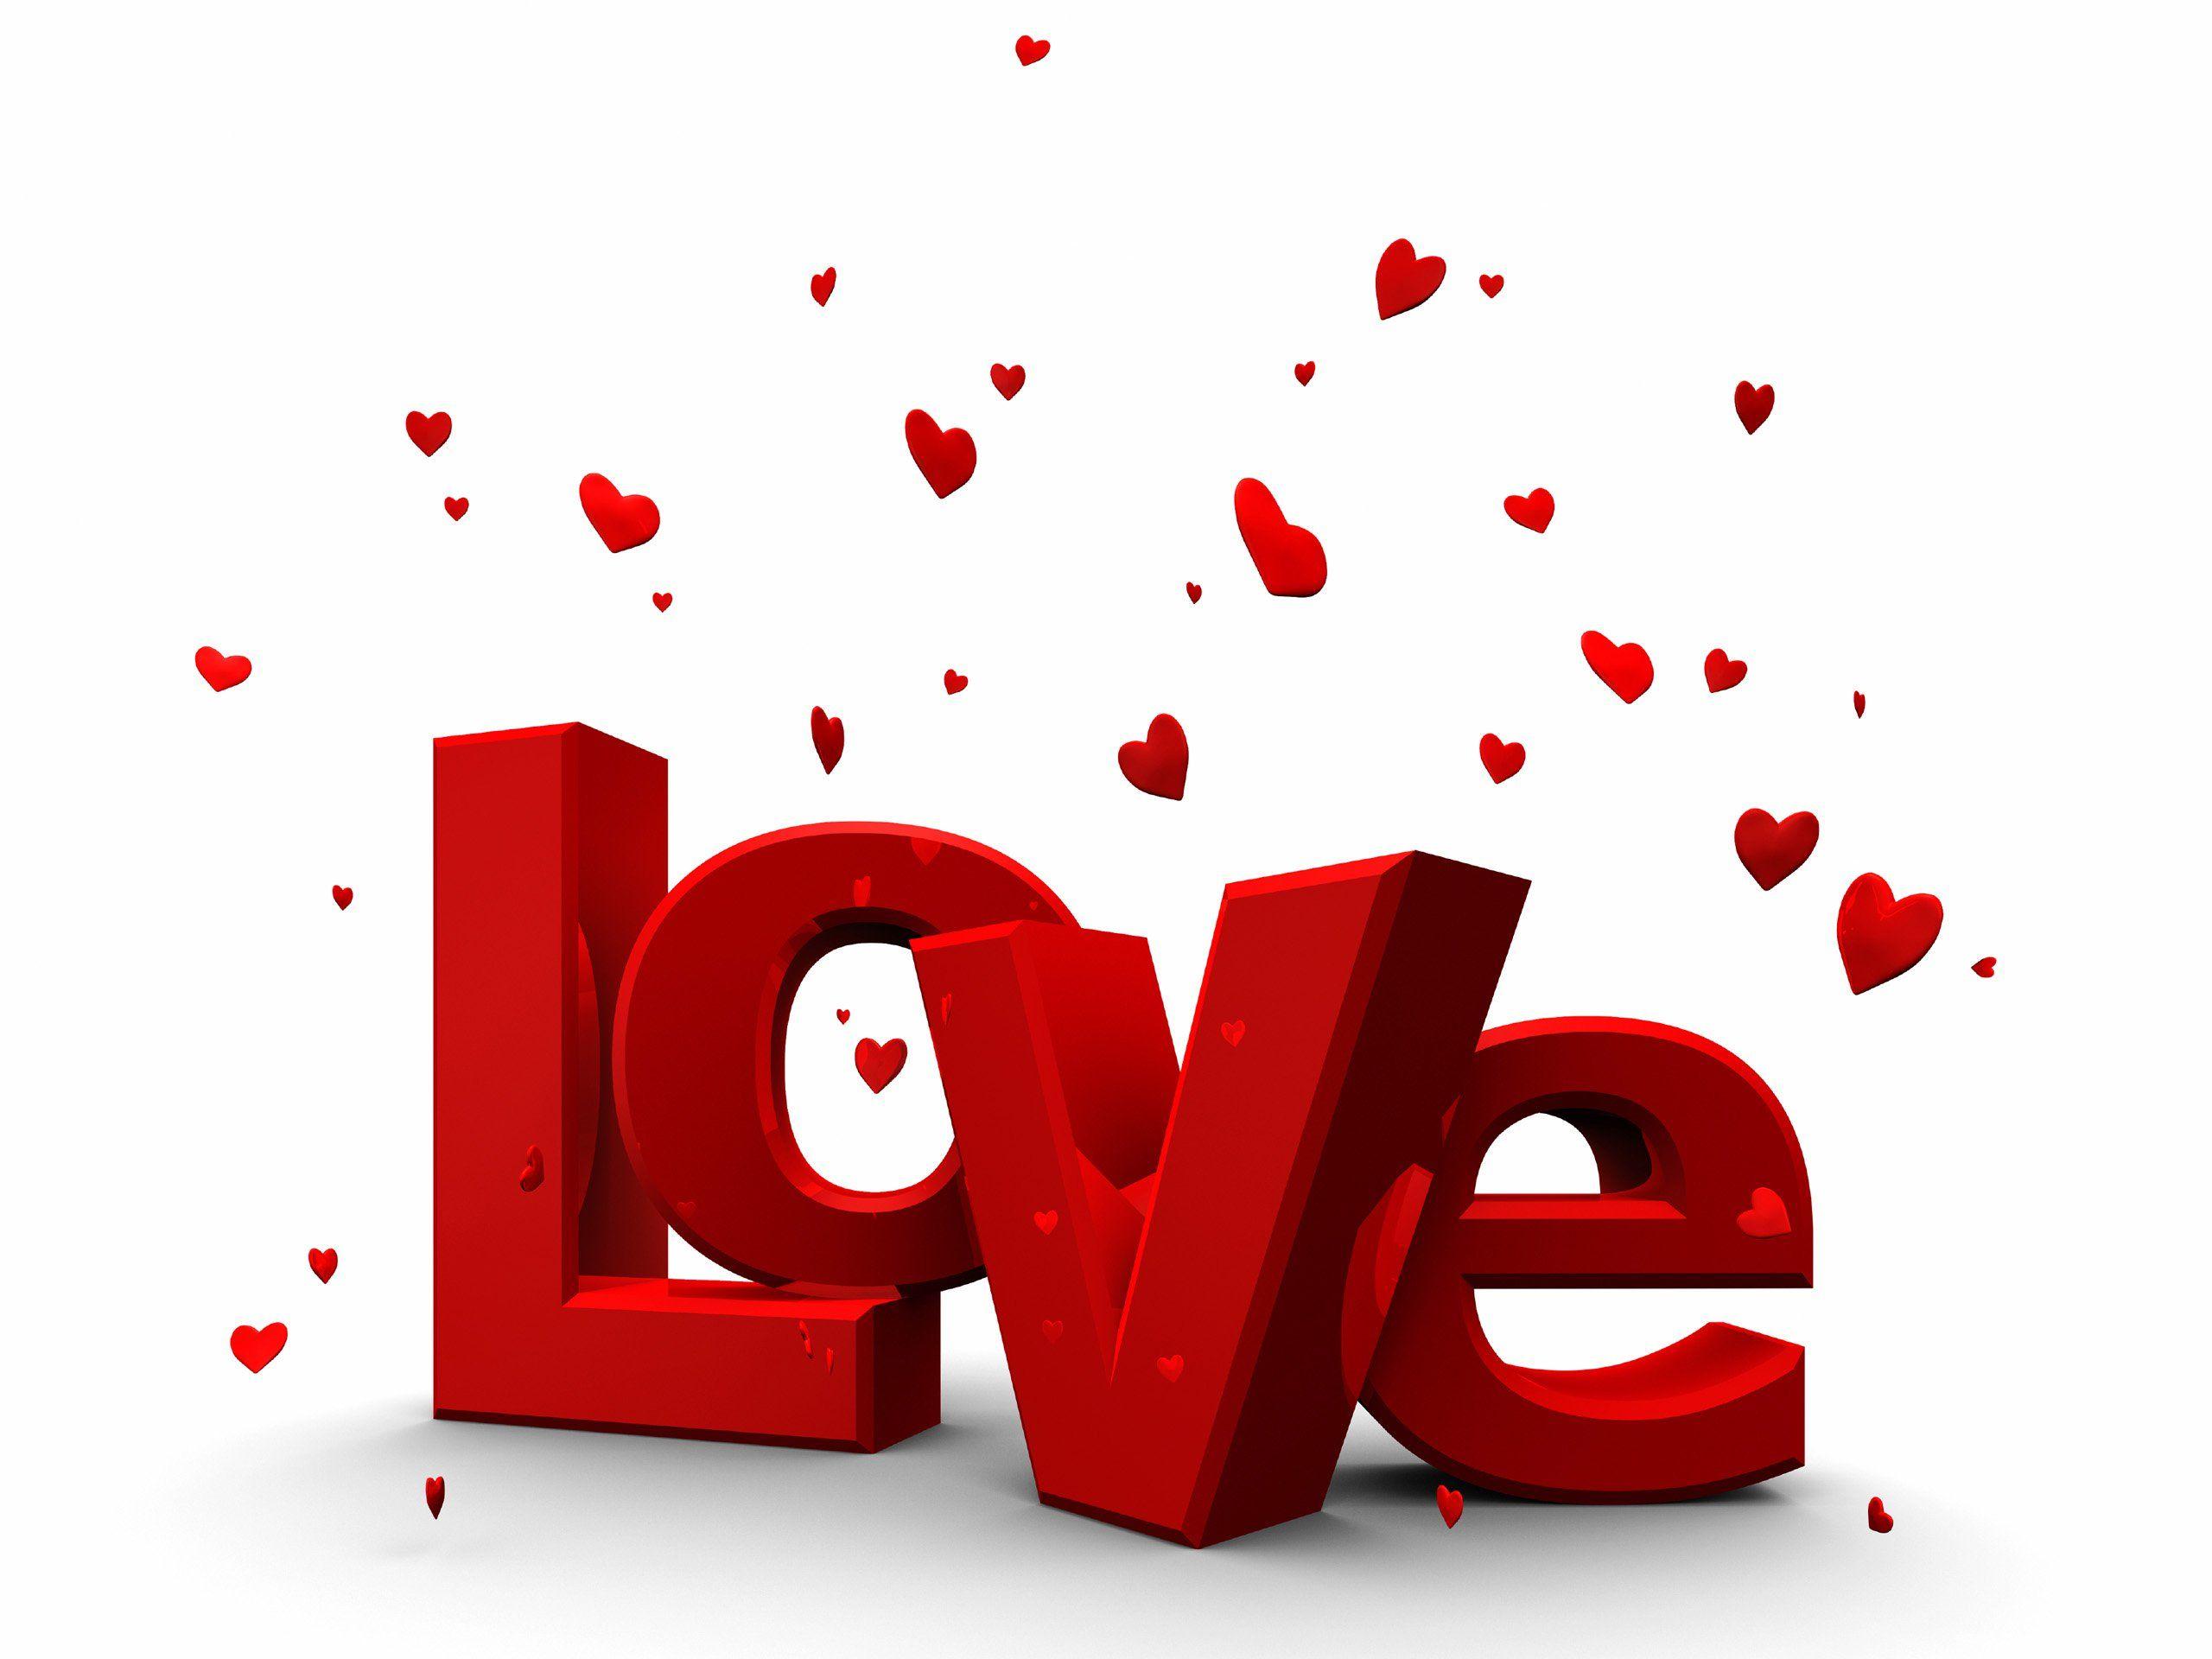 linda tarjeta de amor con la palabra love y corazones